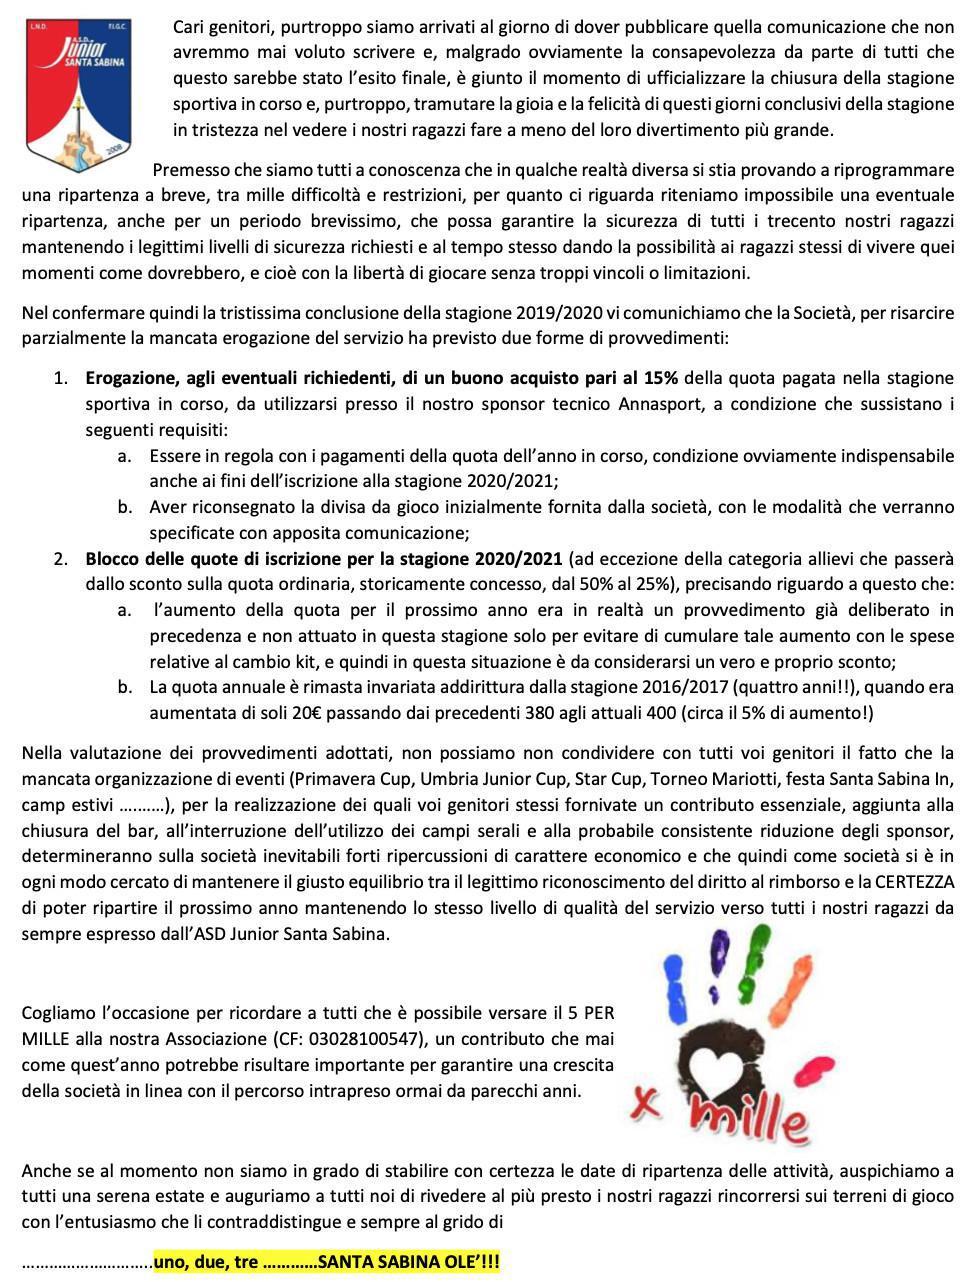 Lettera Fine Anno Sportivo 2019/20